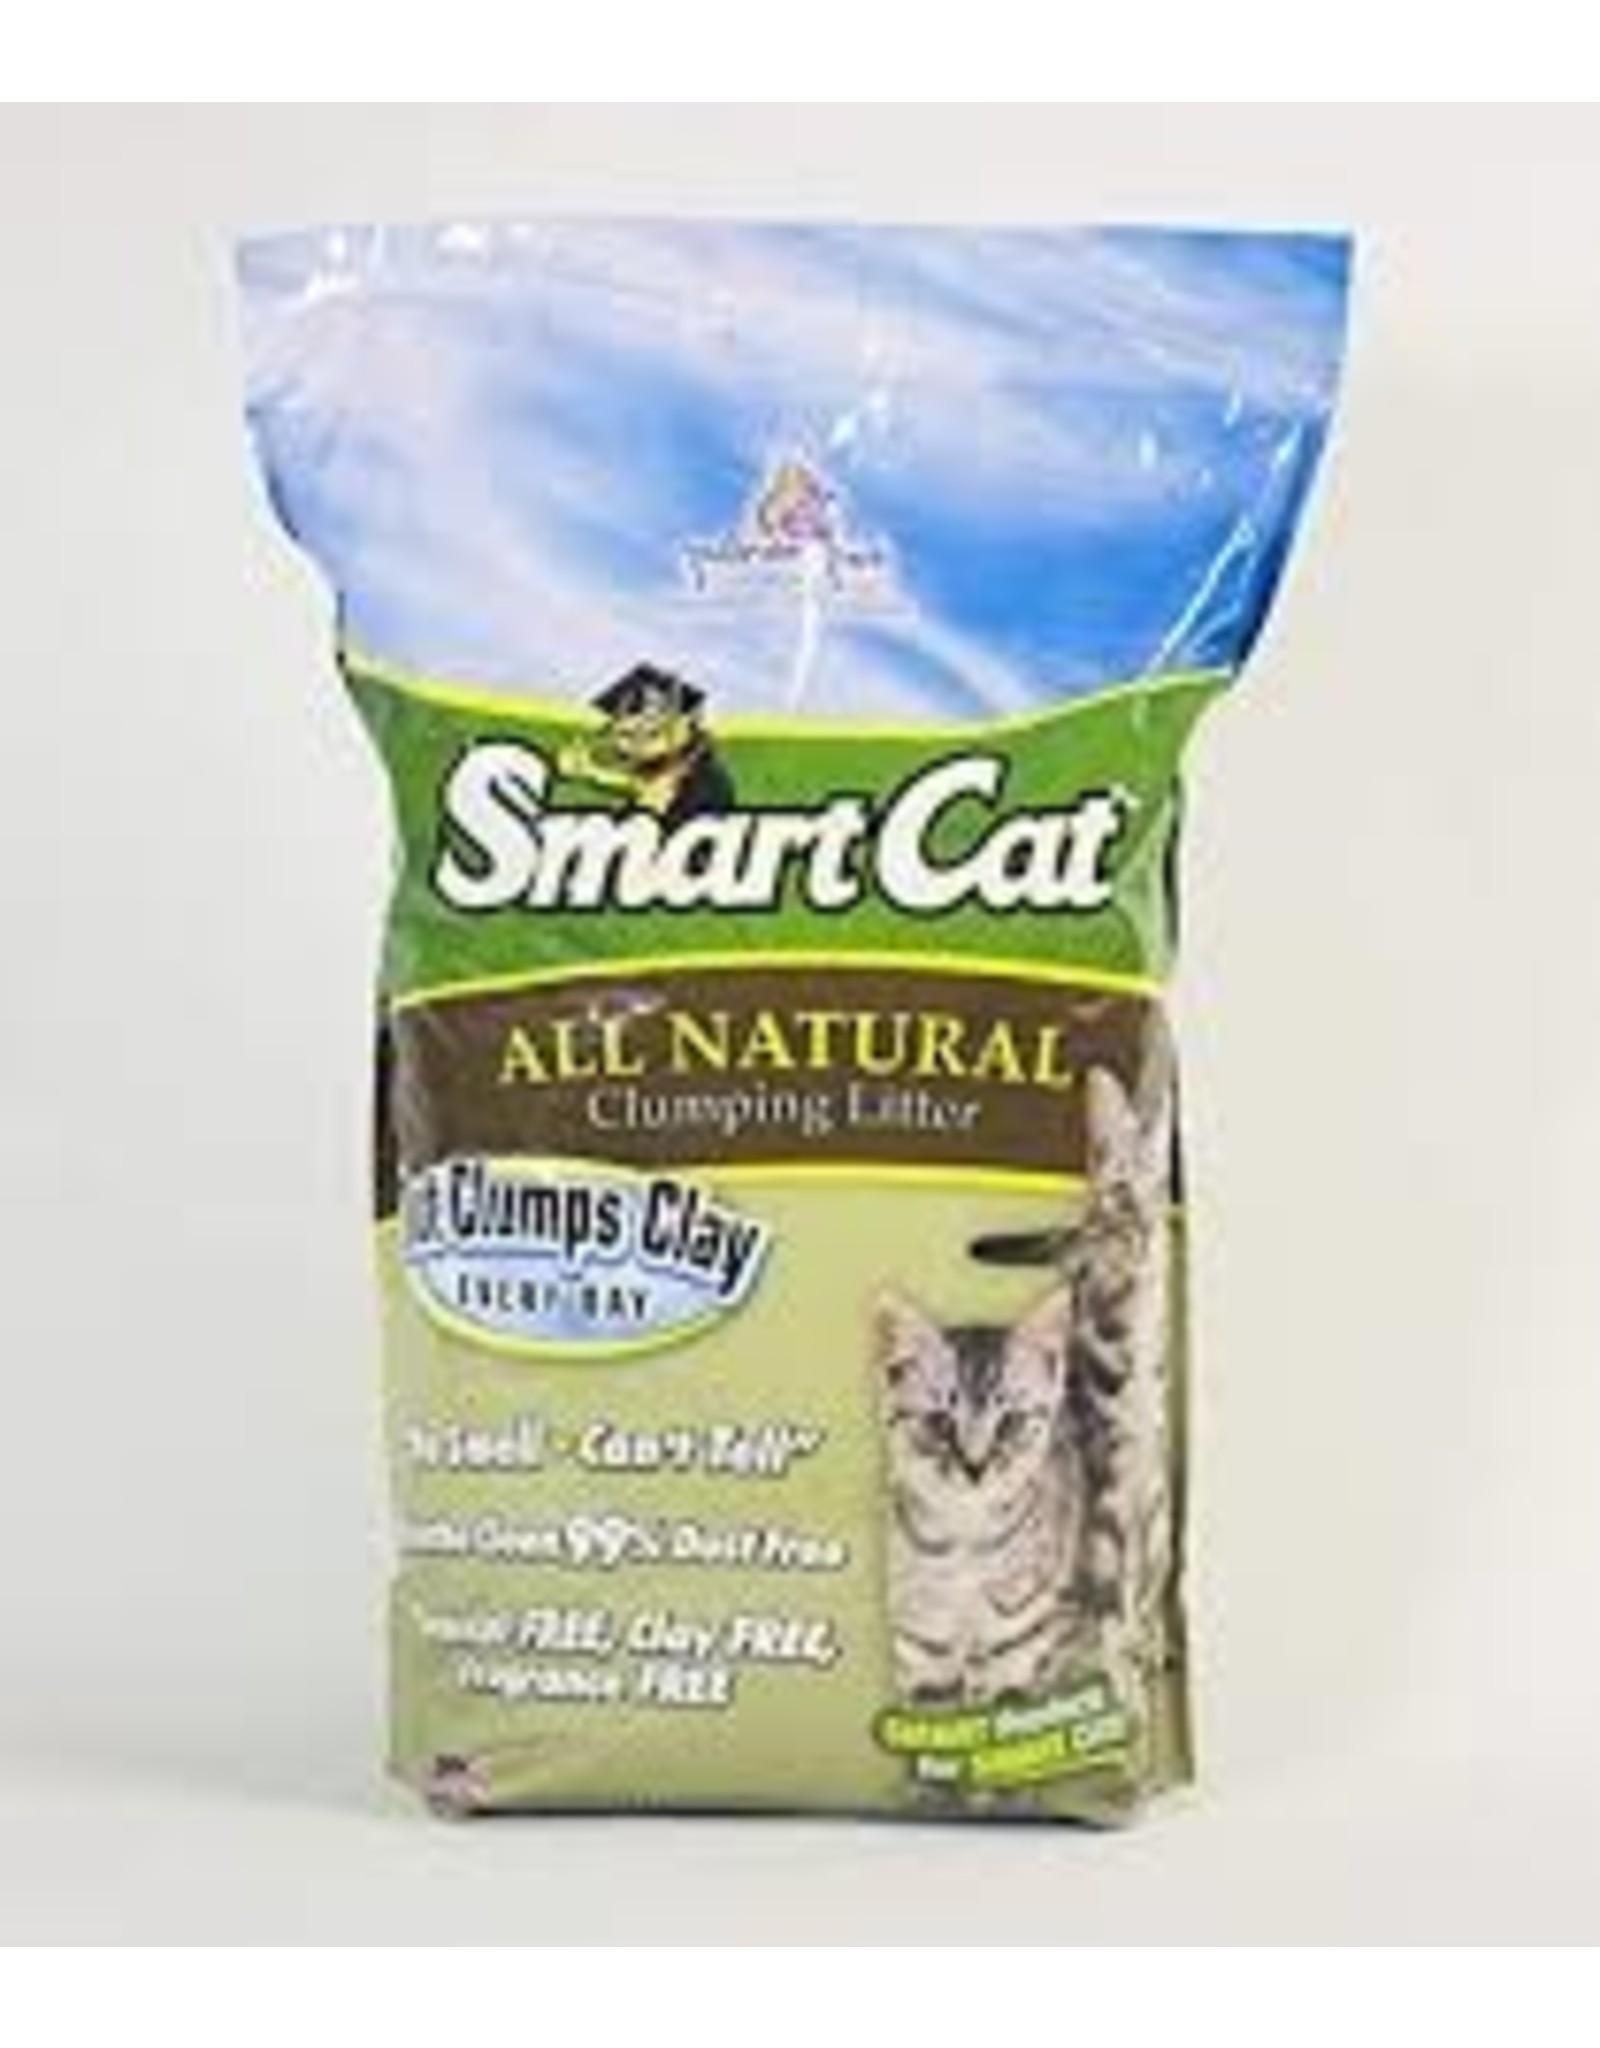 Smart Cat Smart Cat Cat Litter